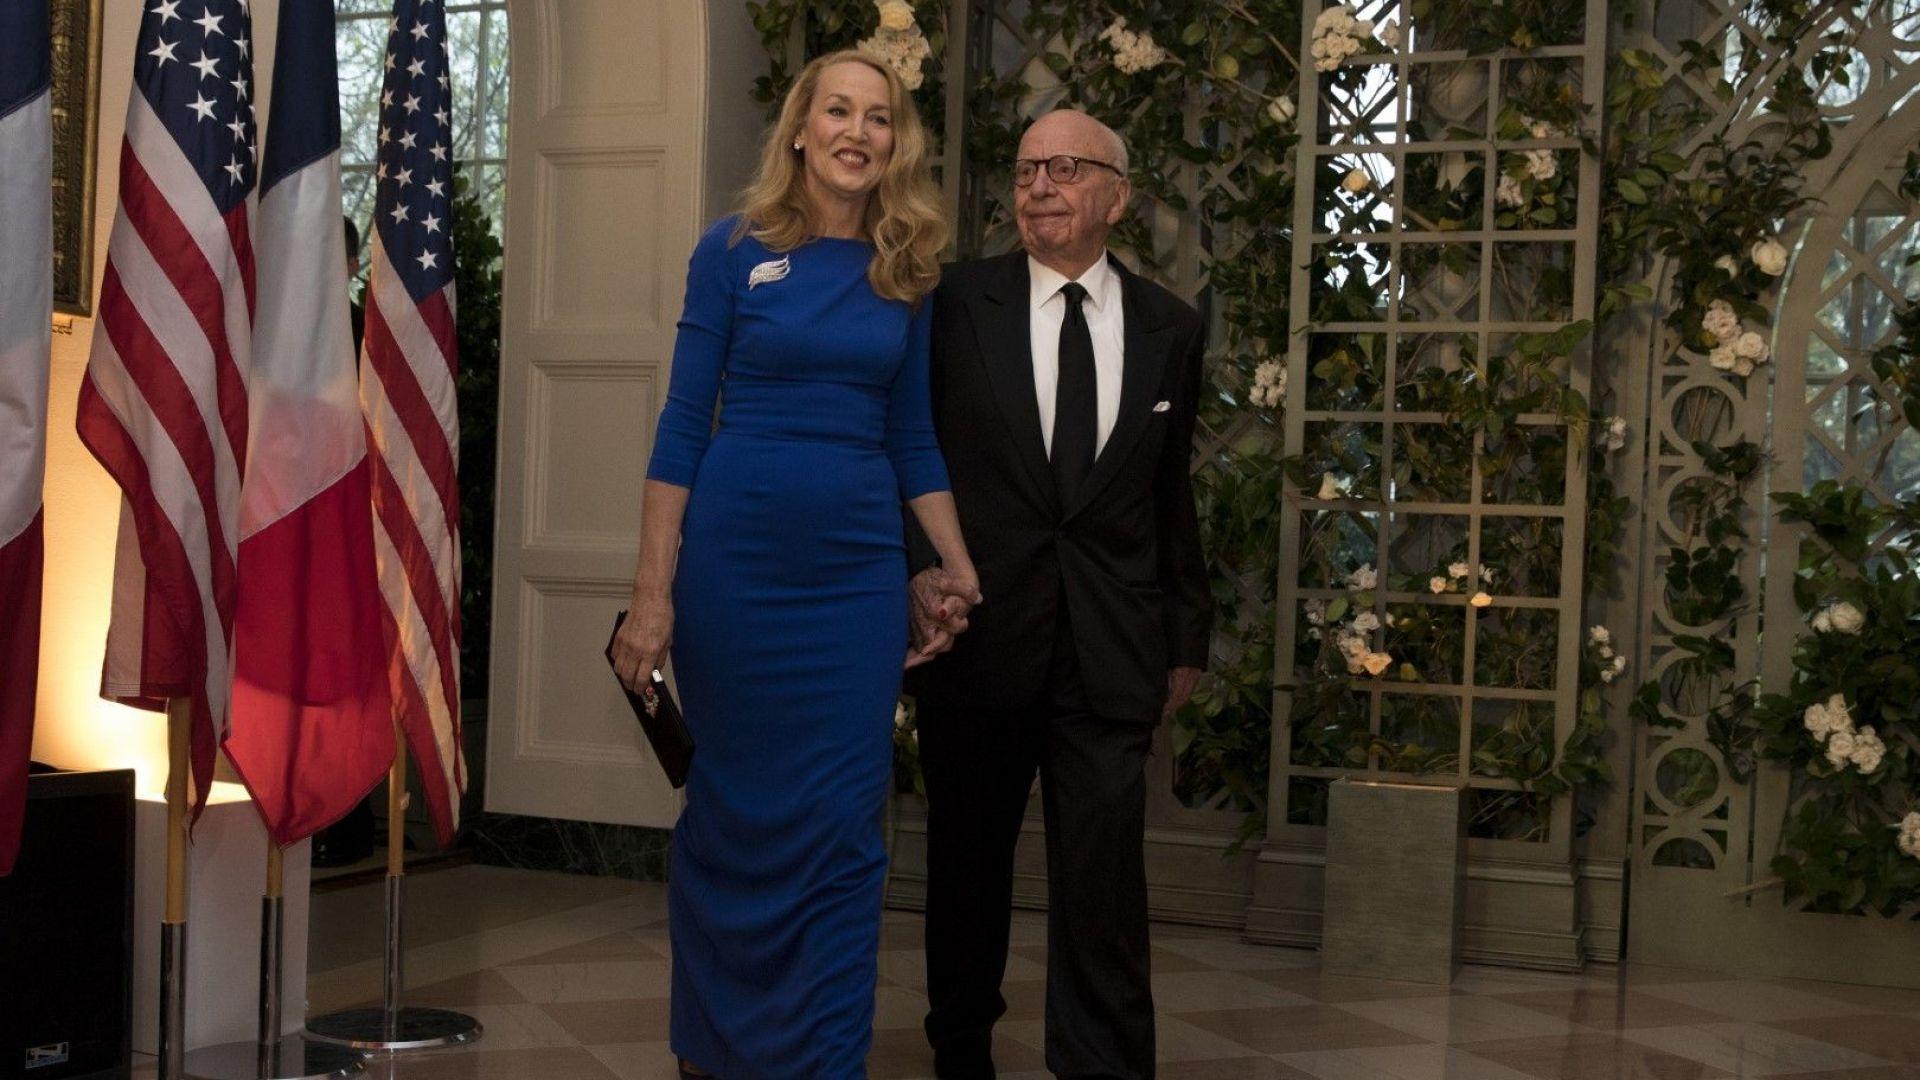 Рупърт Мърдок и съпругата му Джери Хол гостуват в Белия дом за срещата на Доналд Тръмп с френския президент Еманюел Макрон, 24 април 2018 г.